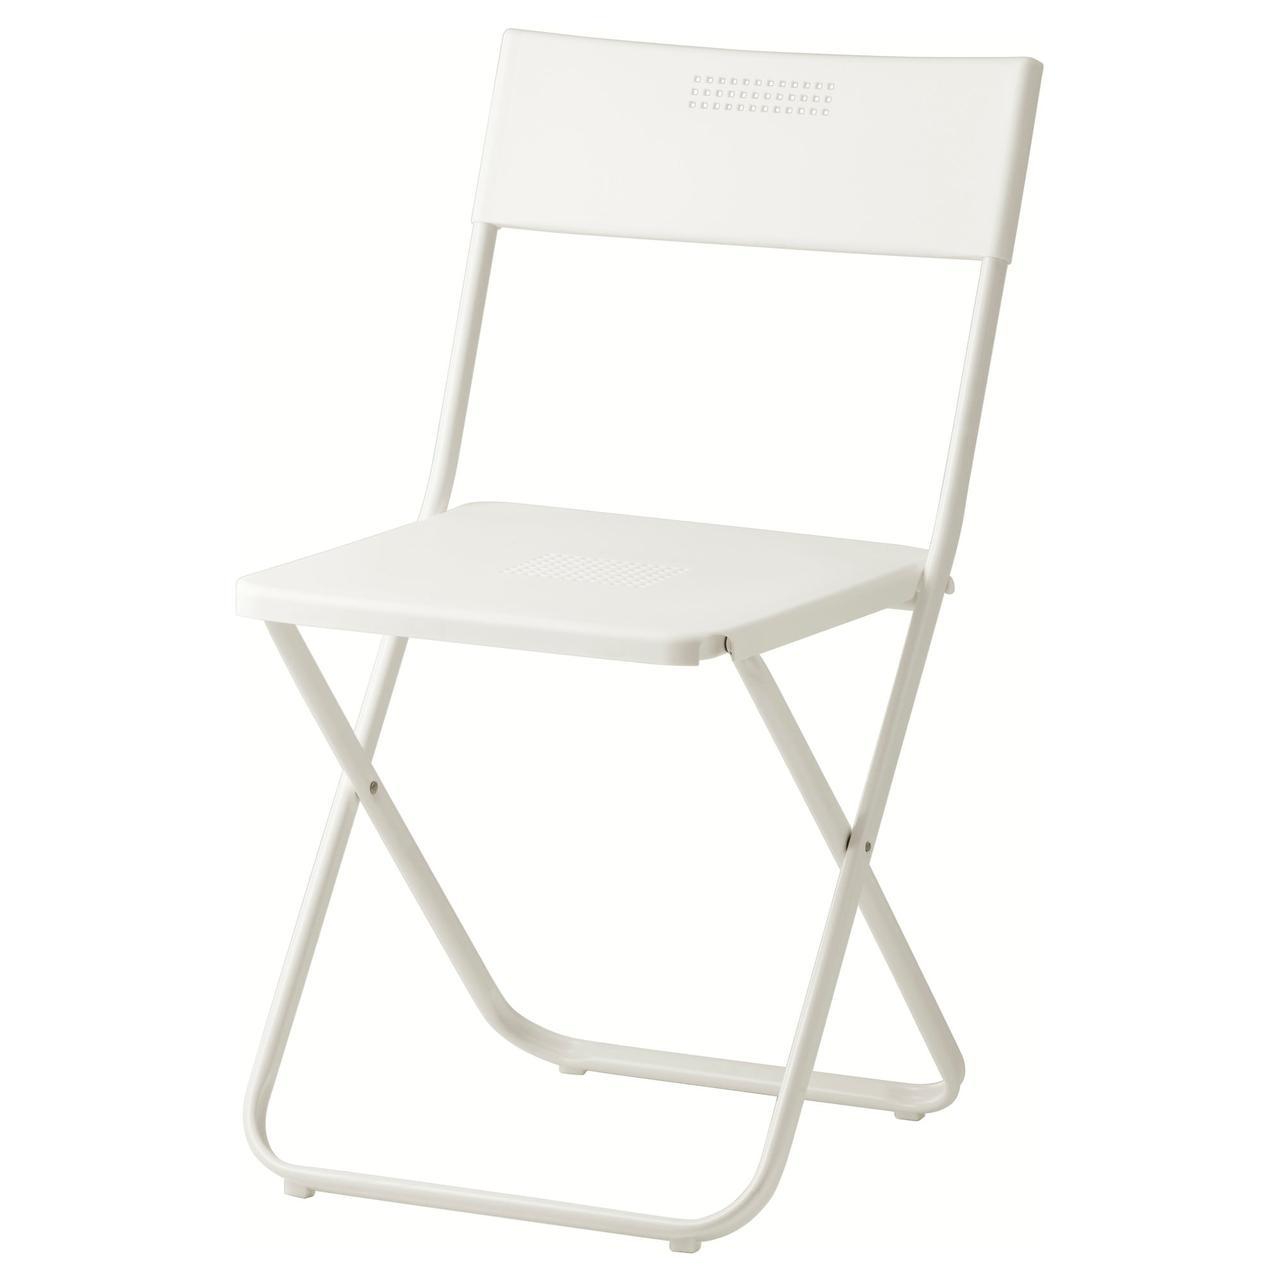 ФЕЙЯН Садовый стул, складной белый